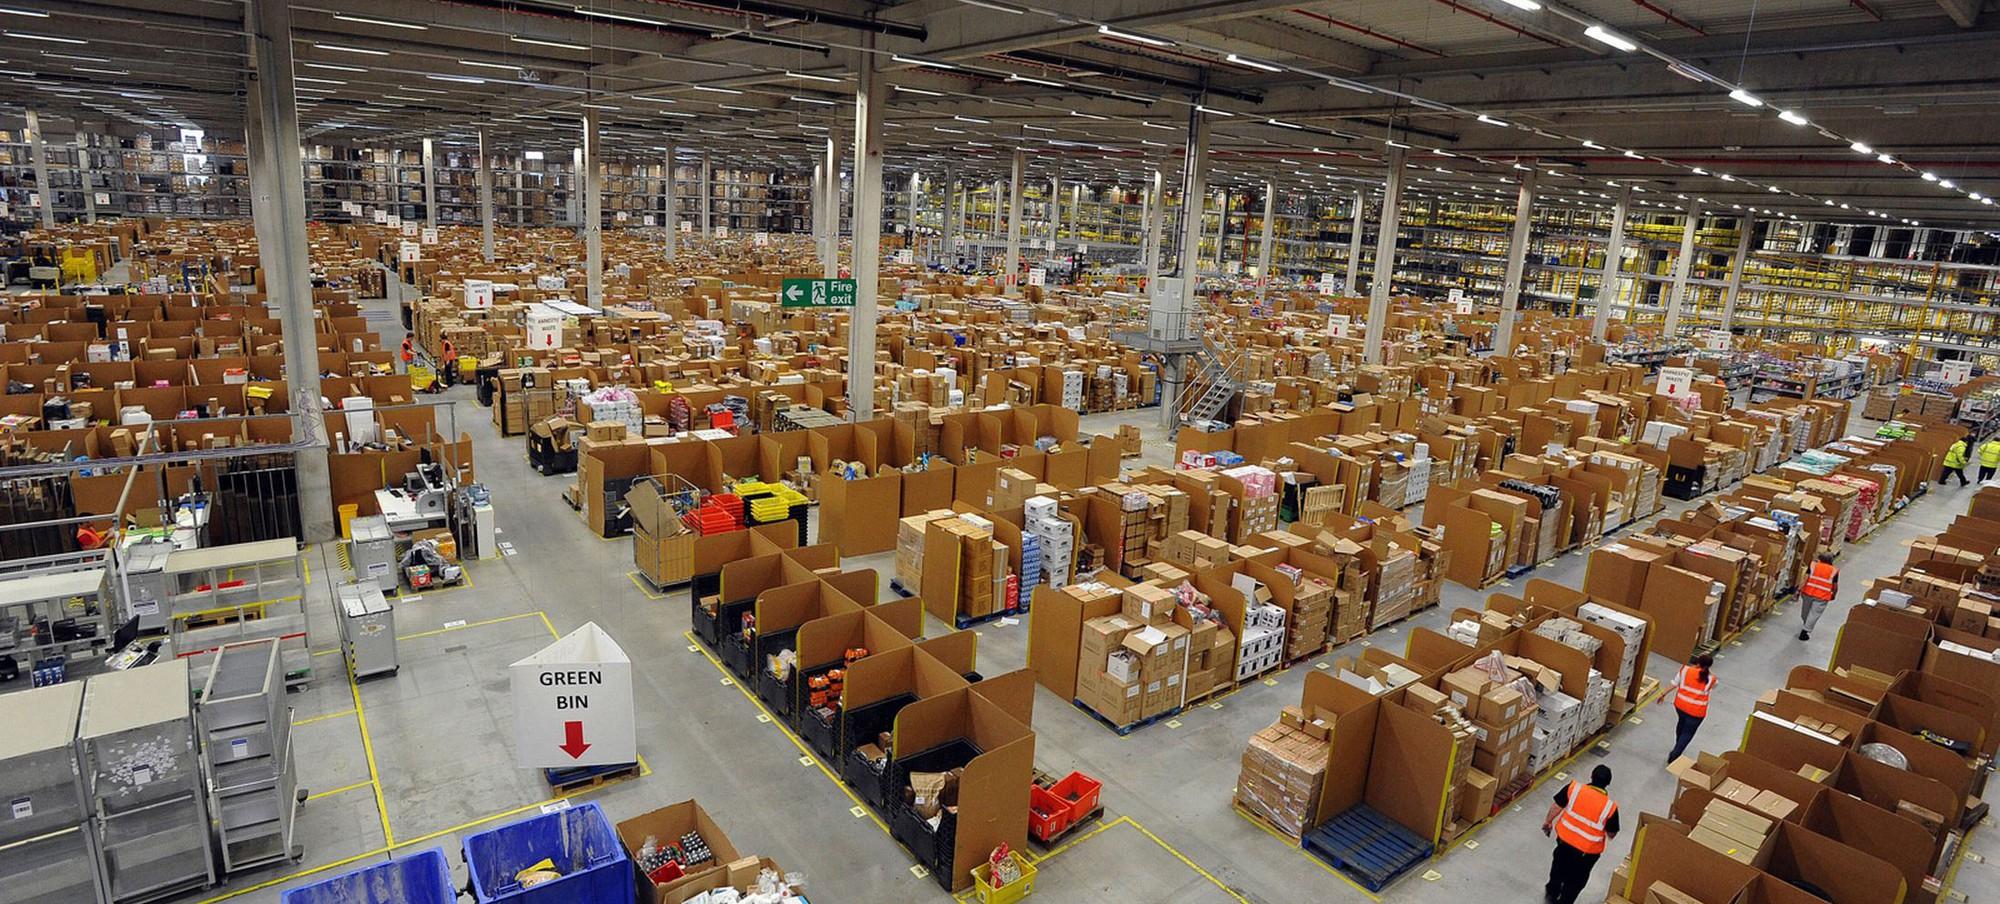 [Magazine] Amazon đổ bộ vào Việt Nam: Thị trường nóng, cơ hội lớn… - Ảnh 3.